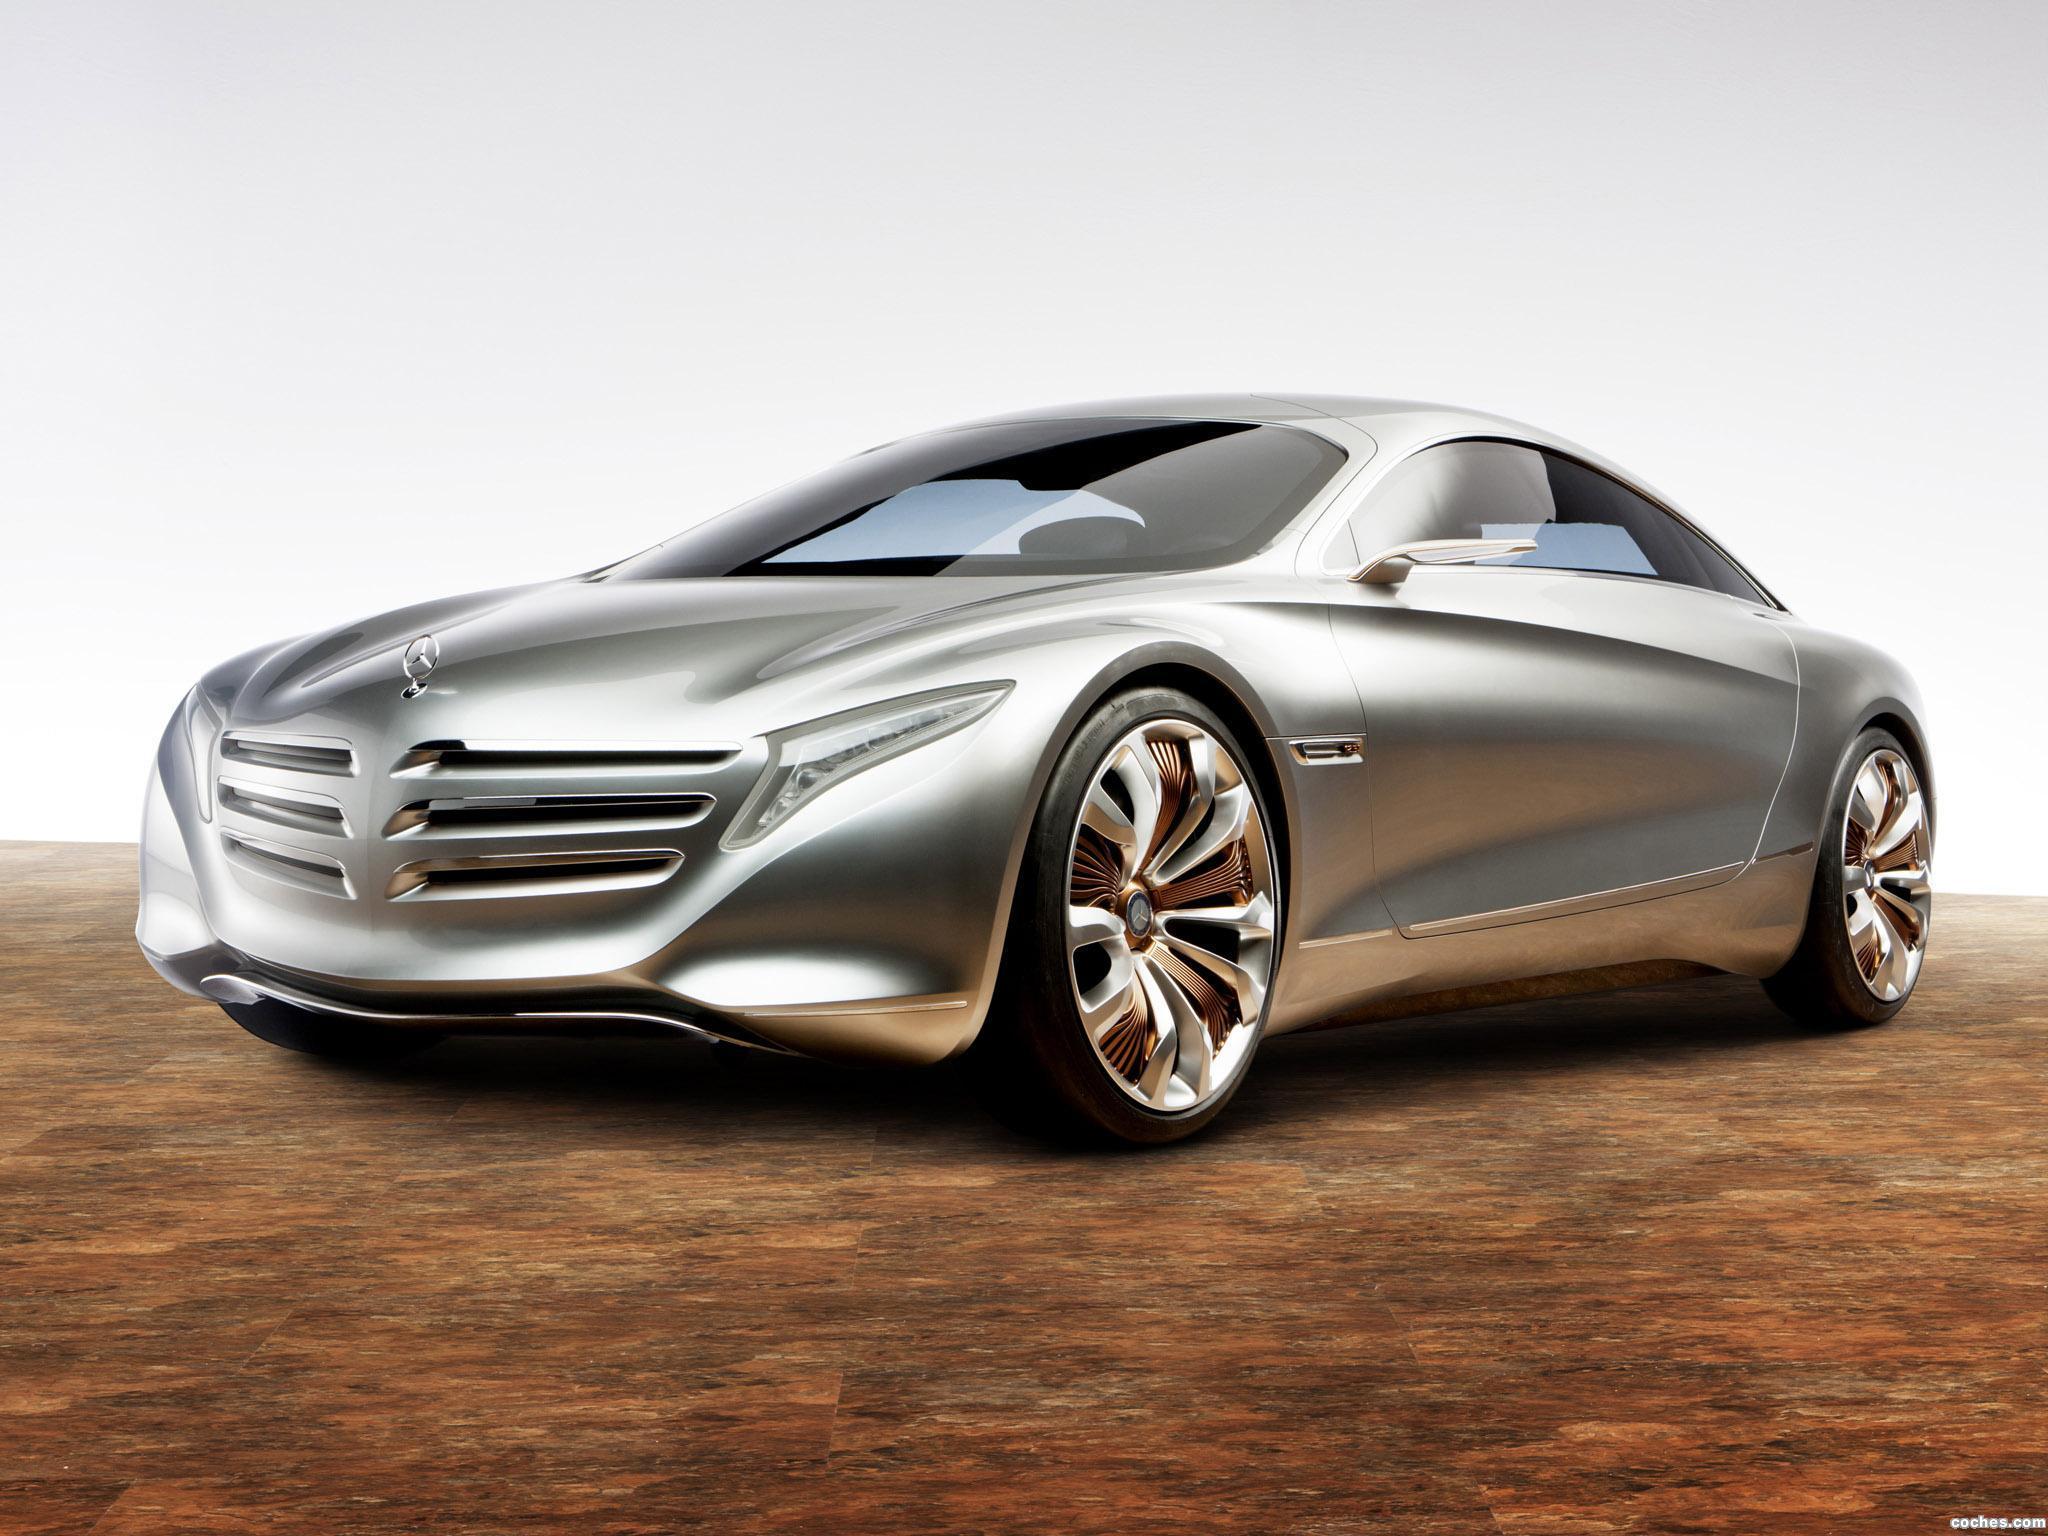 Foto 0 de Mercedes F125 Concept 2011